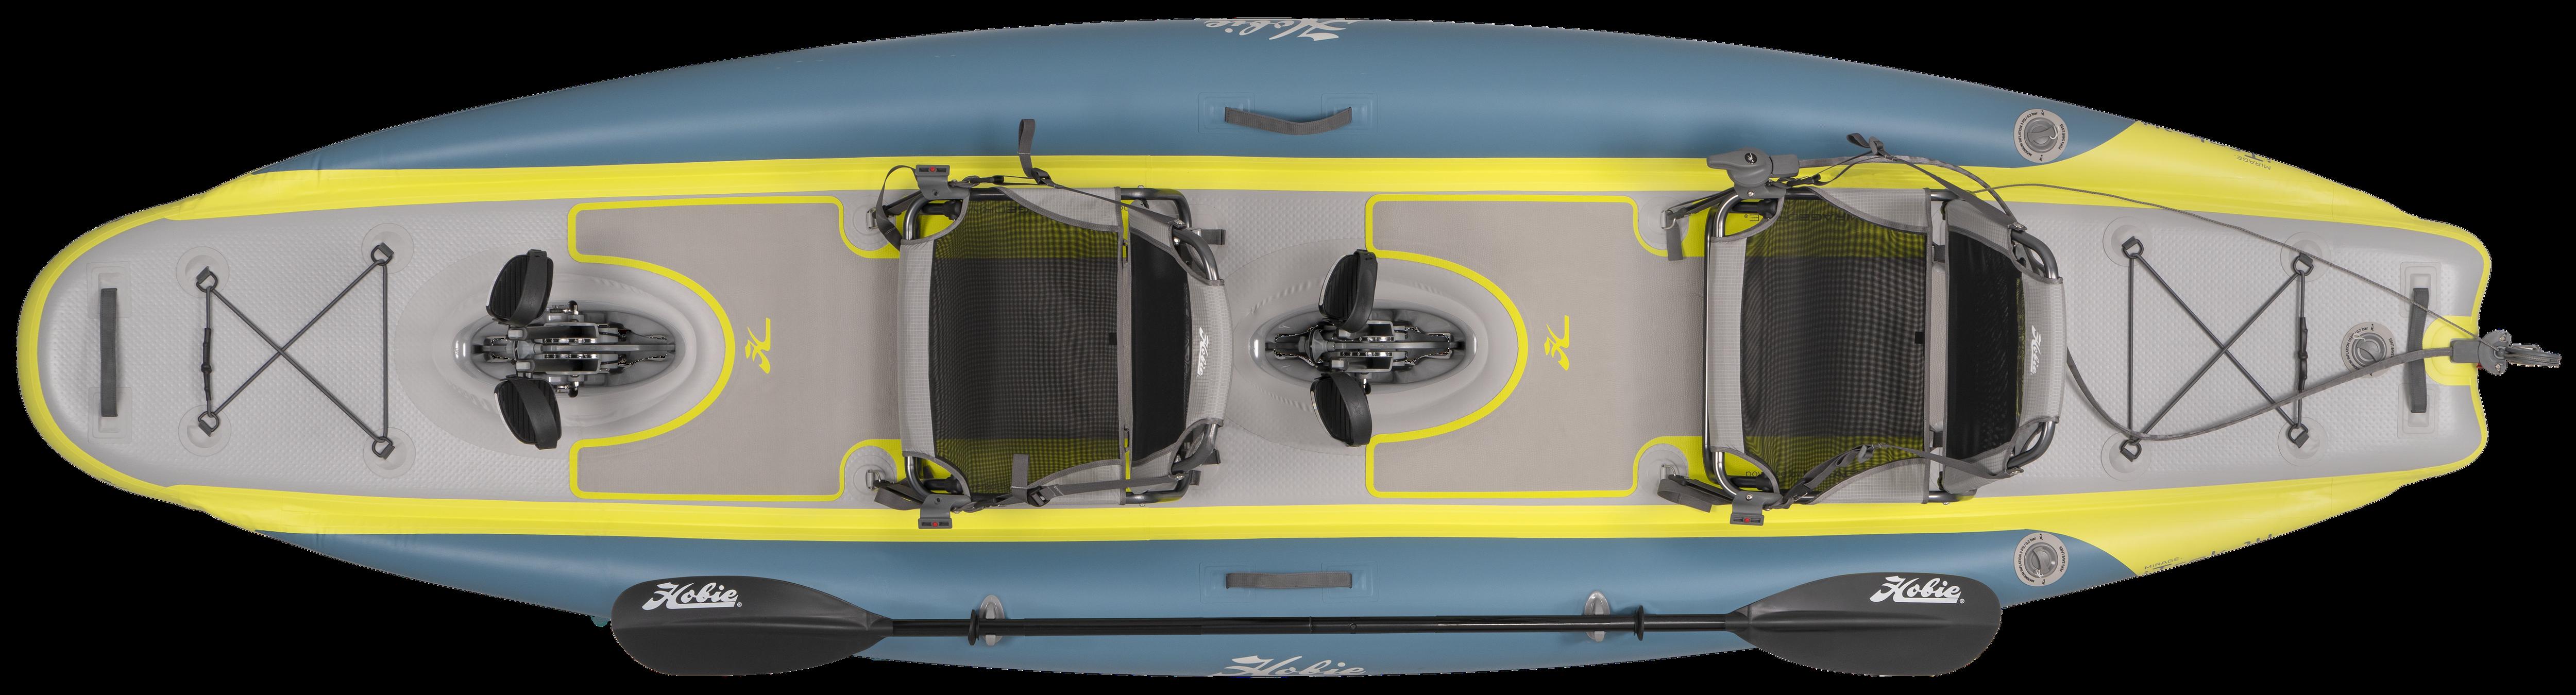 Mirage iTrek 14 Duo